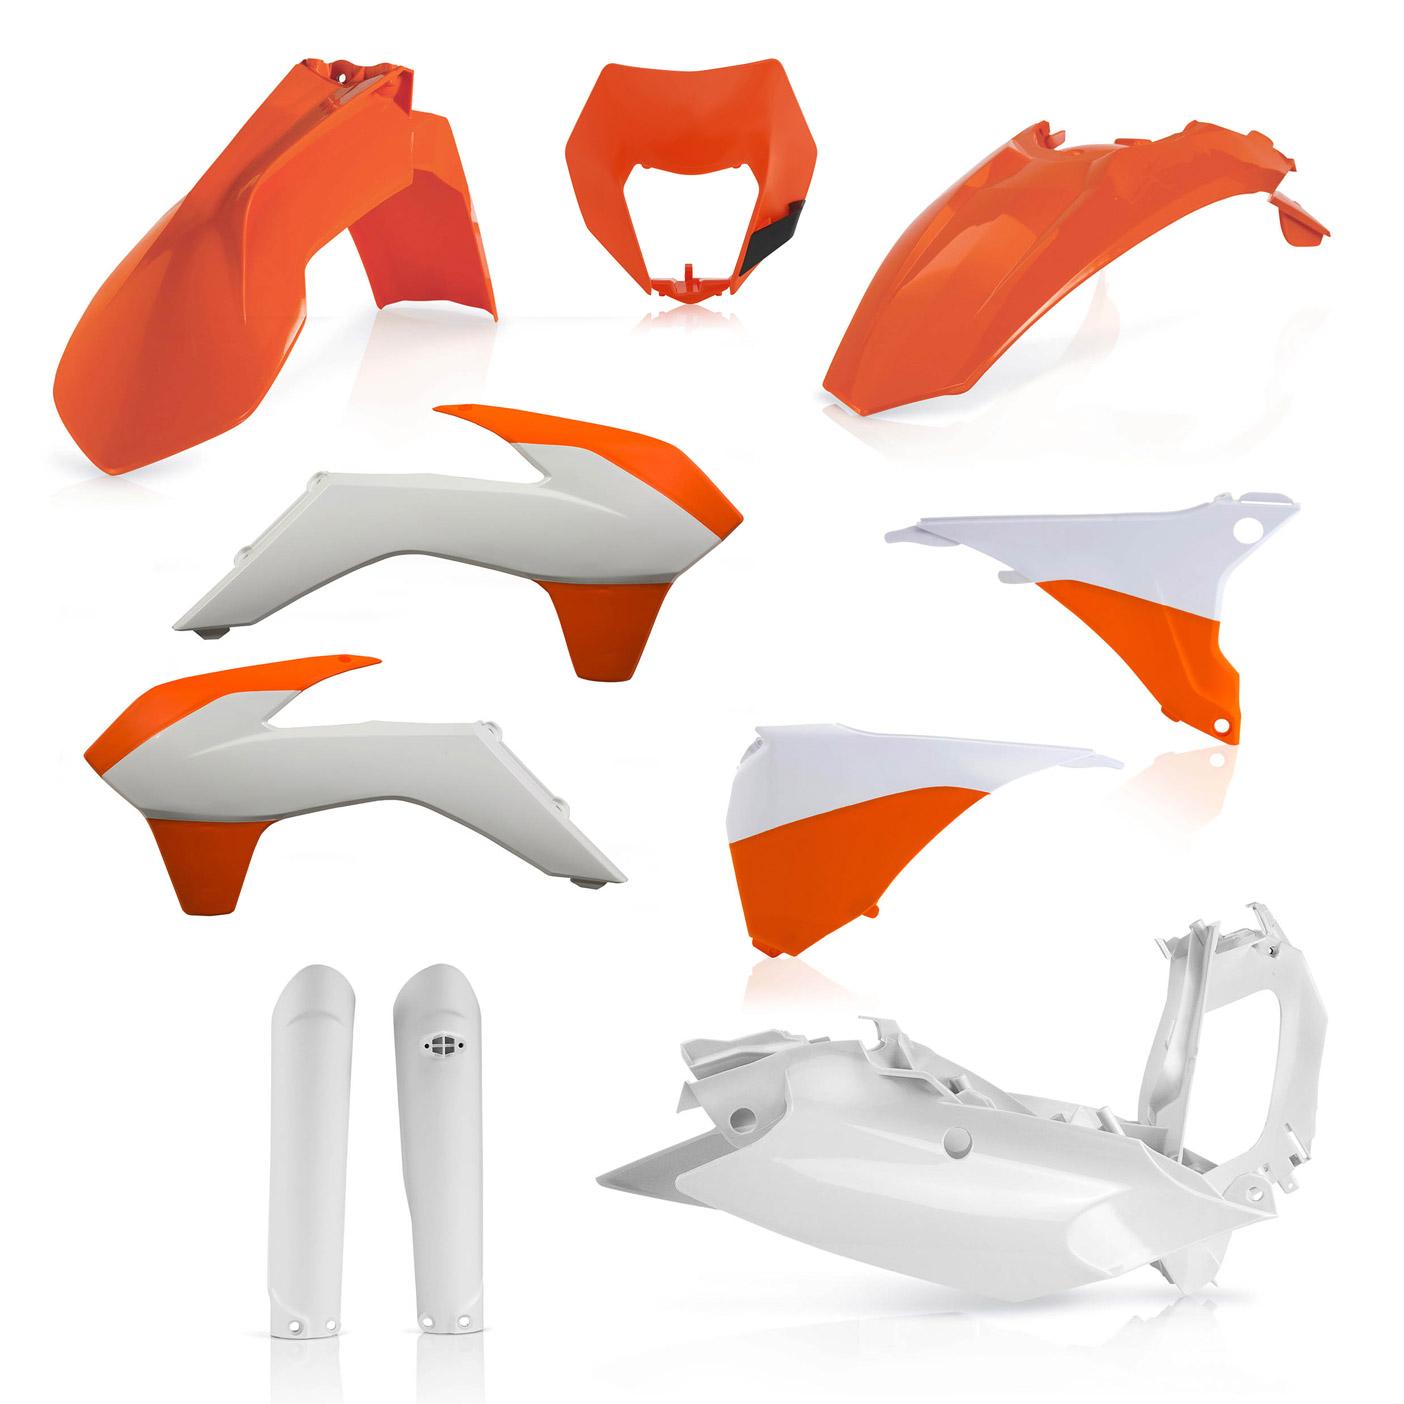 Plastikteile für deine KTM EXC und EXC-F in orange-weiß, bestehend aus Frontkotflügel, Heckkotflügel, Tankspoiler, Gabelschoner, Nummerntafeln, Seitenteilen und Lampenmaske